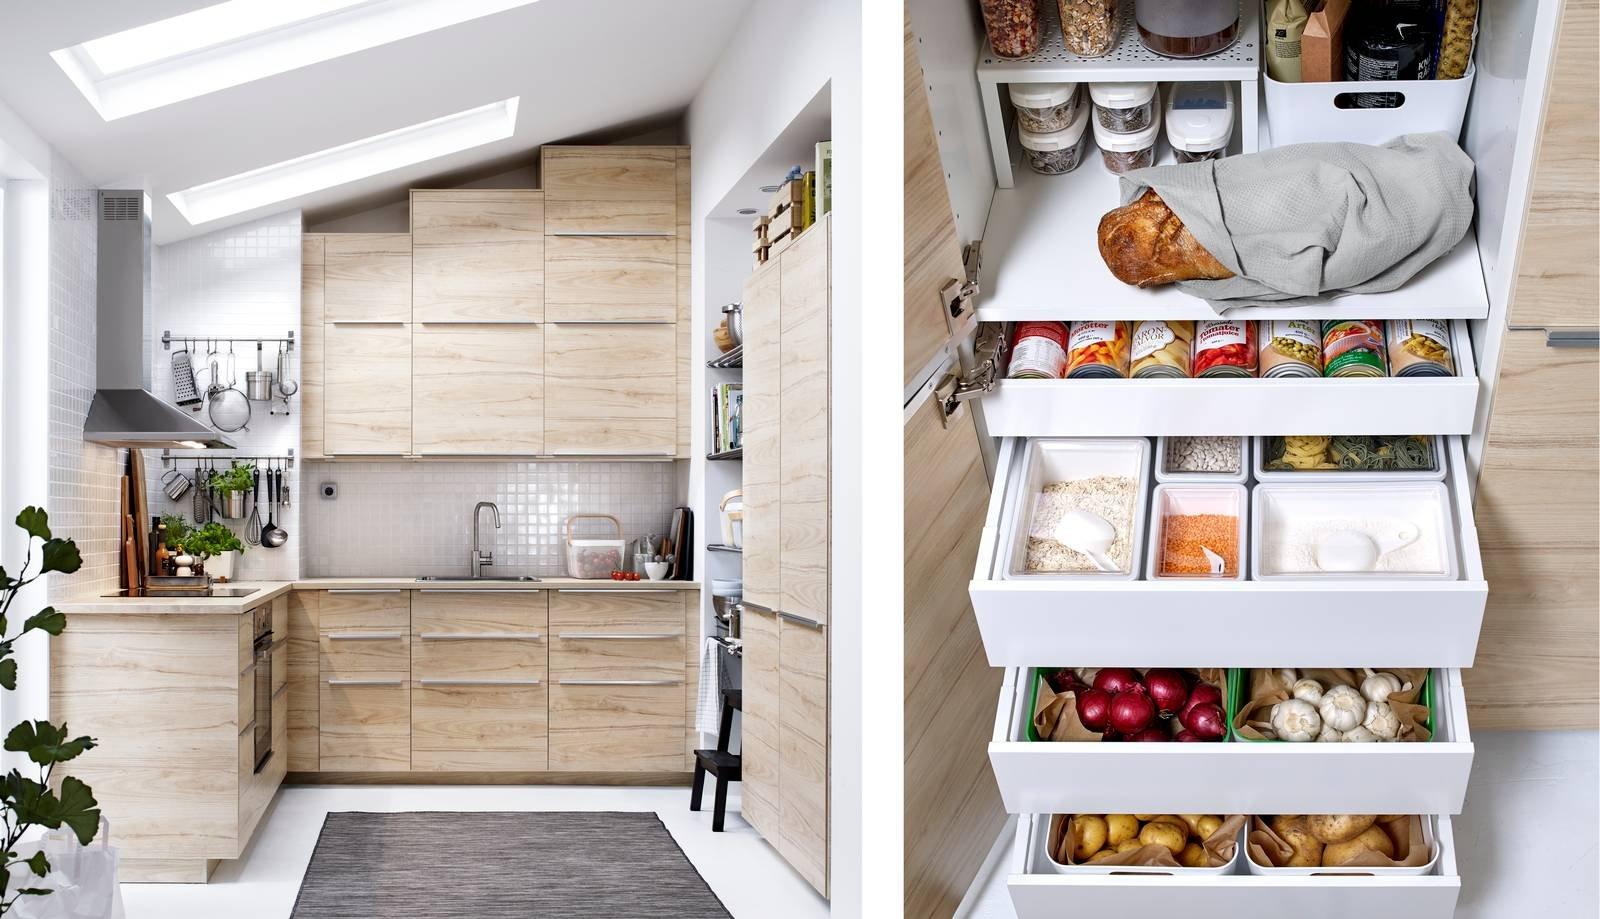 Credenza Cucina Con Cassetti : Dentro i mobili della cucina: spazio in più facile da usare cose